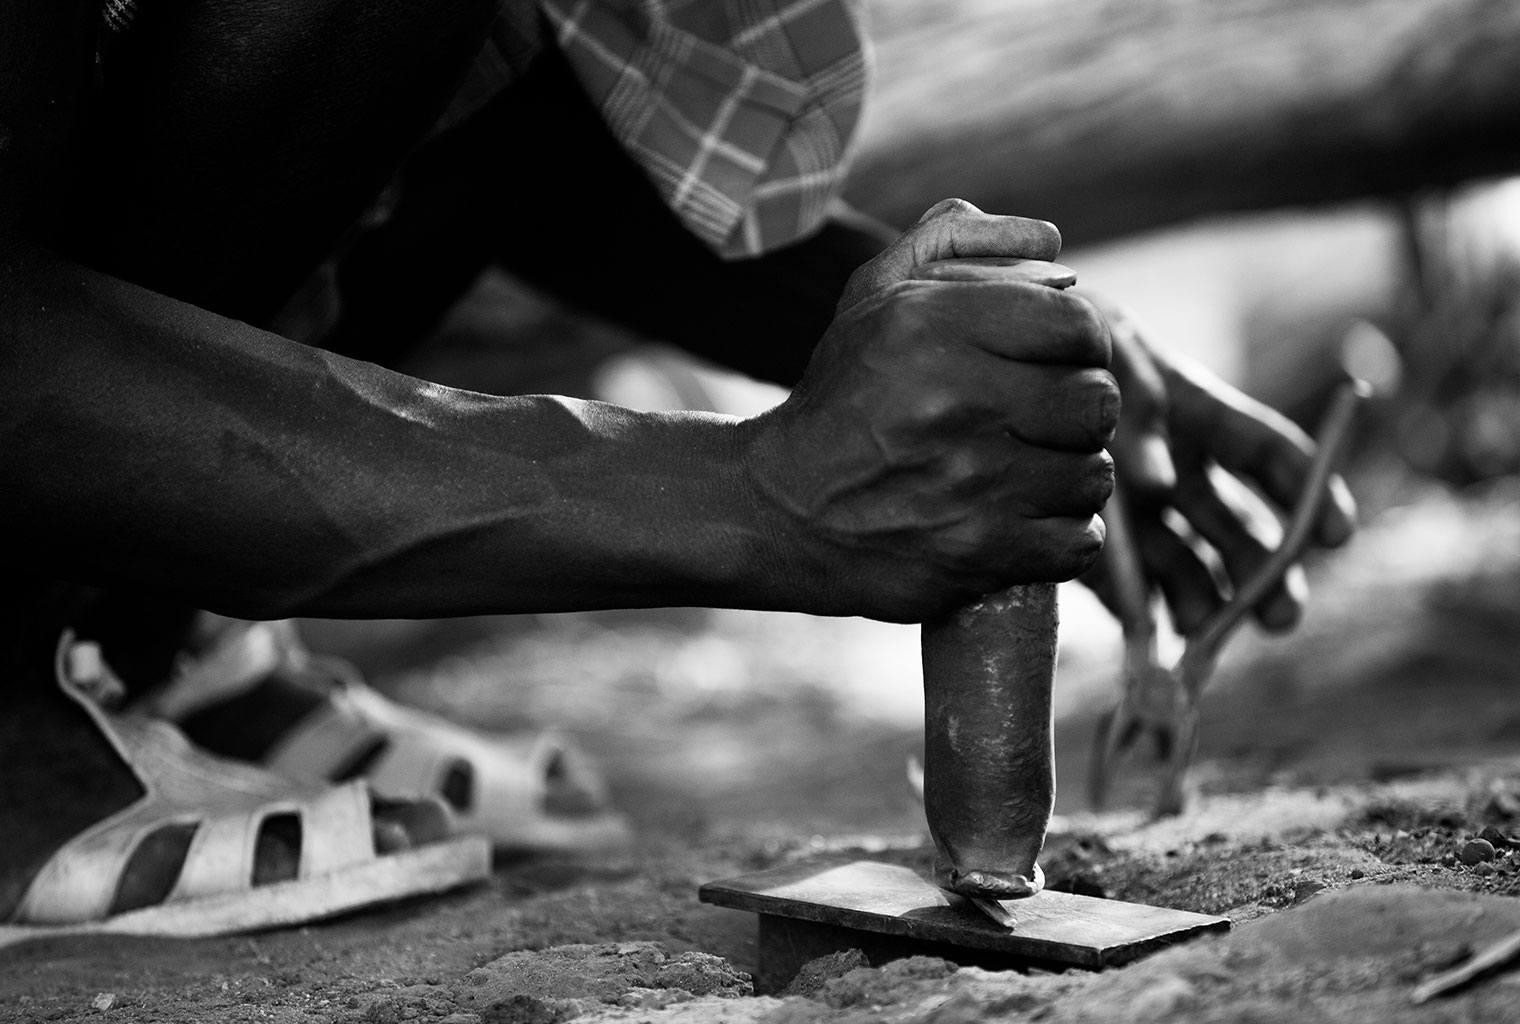 Blacksmith Kenya Conservation Journey 2017